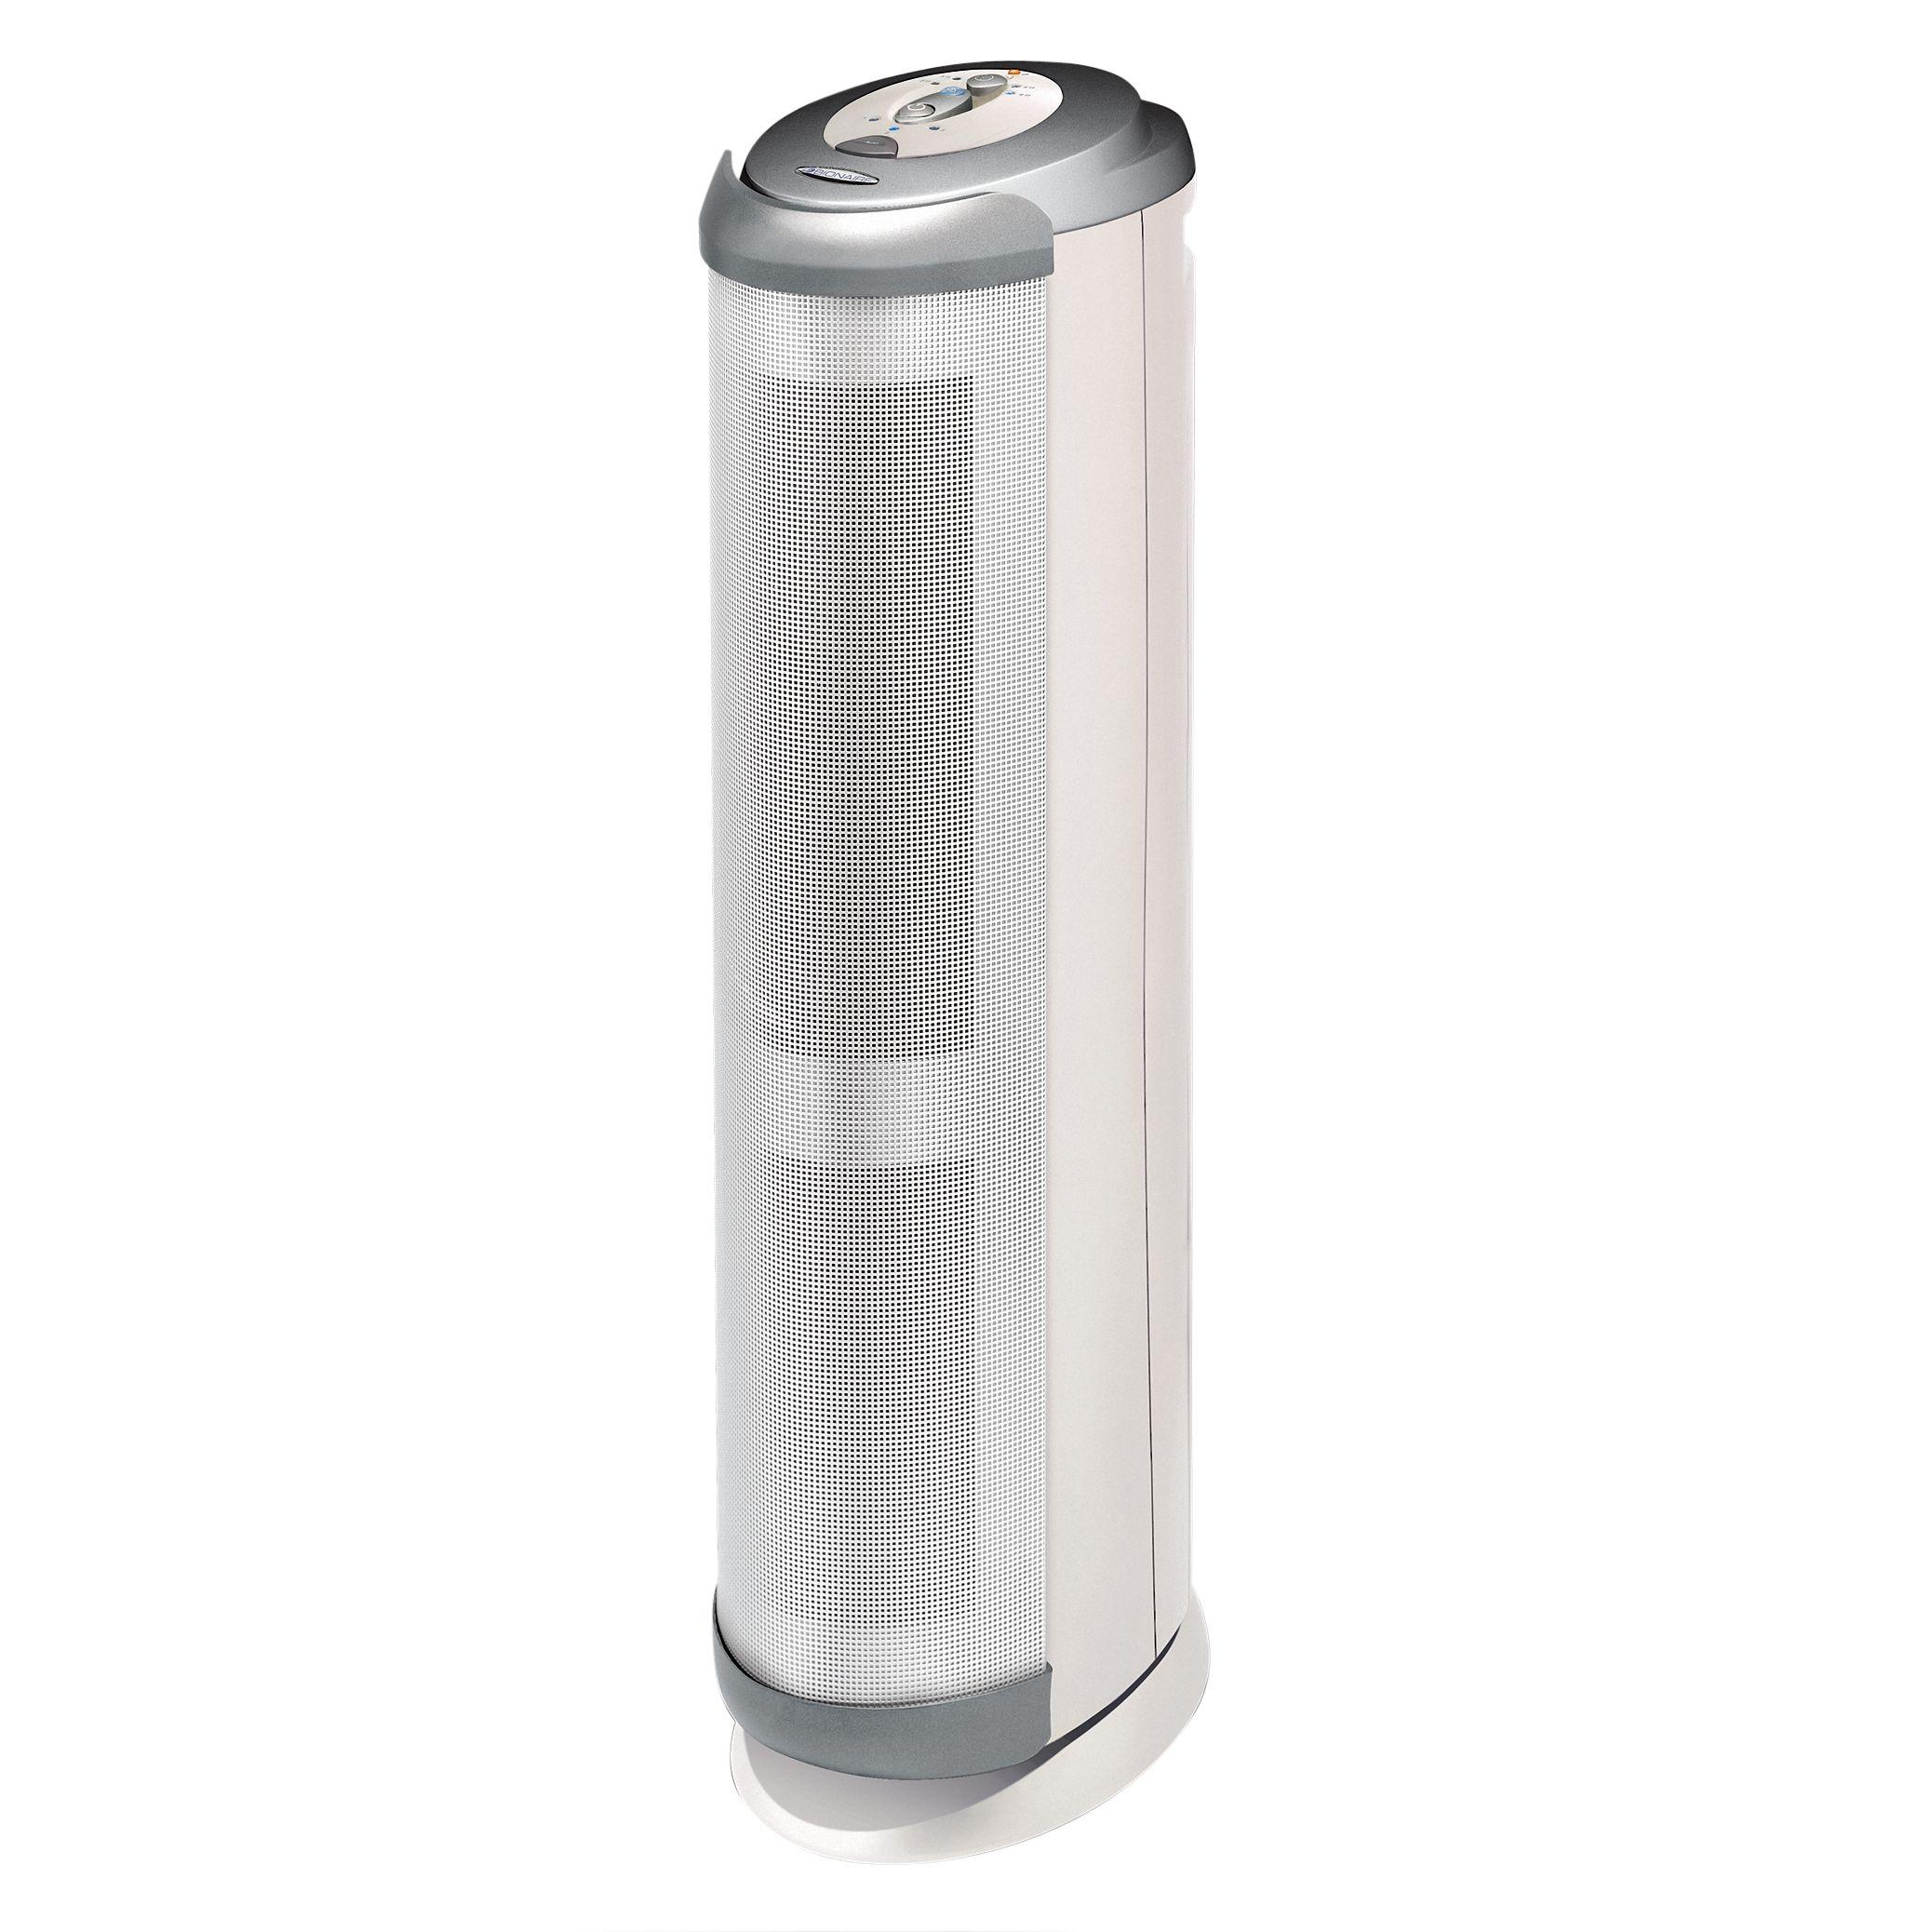 Bionaire Bionaire BAP1700 Air Purifier